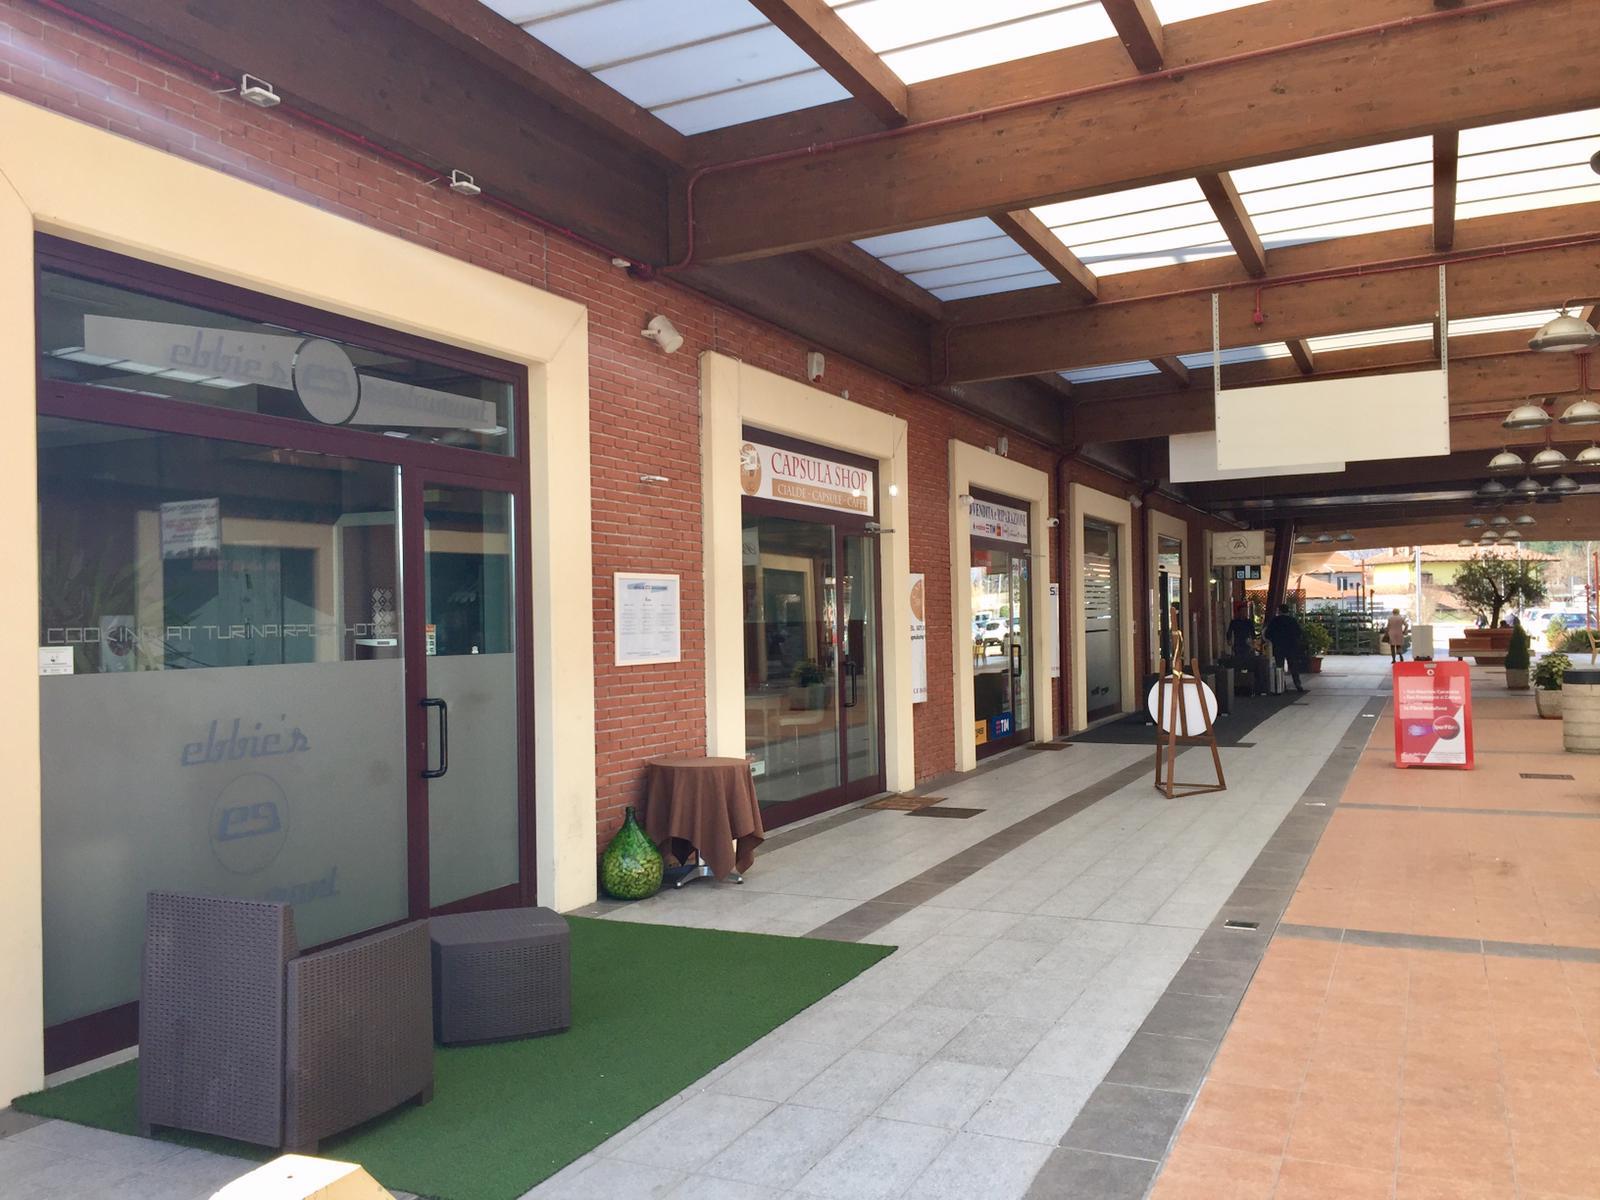 Negozio / Locale in vendita a San Francesco al Campo, 9999 locali, zona Località: Centrale, prezzo € 110.000 | PortaleAgenzieImmobiliari.it